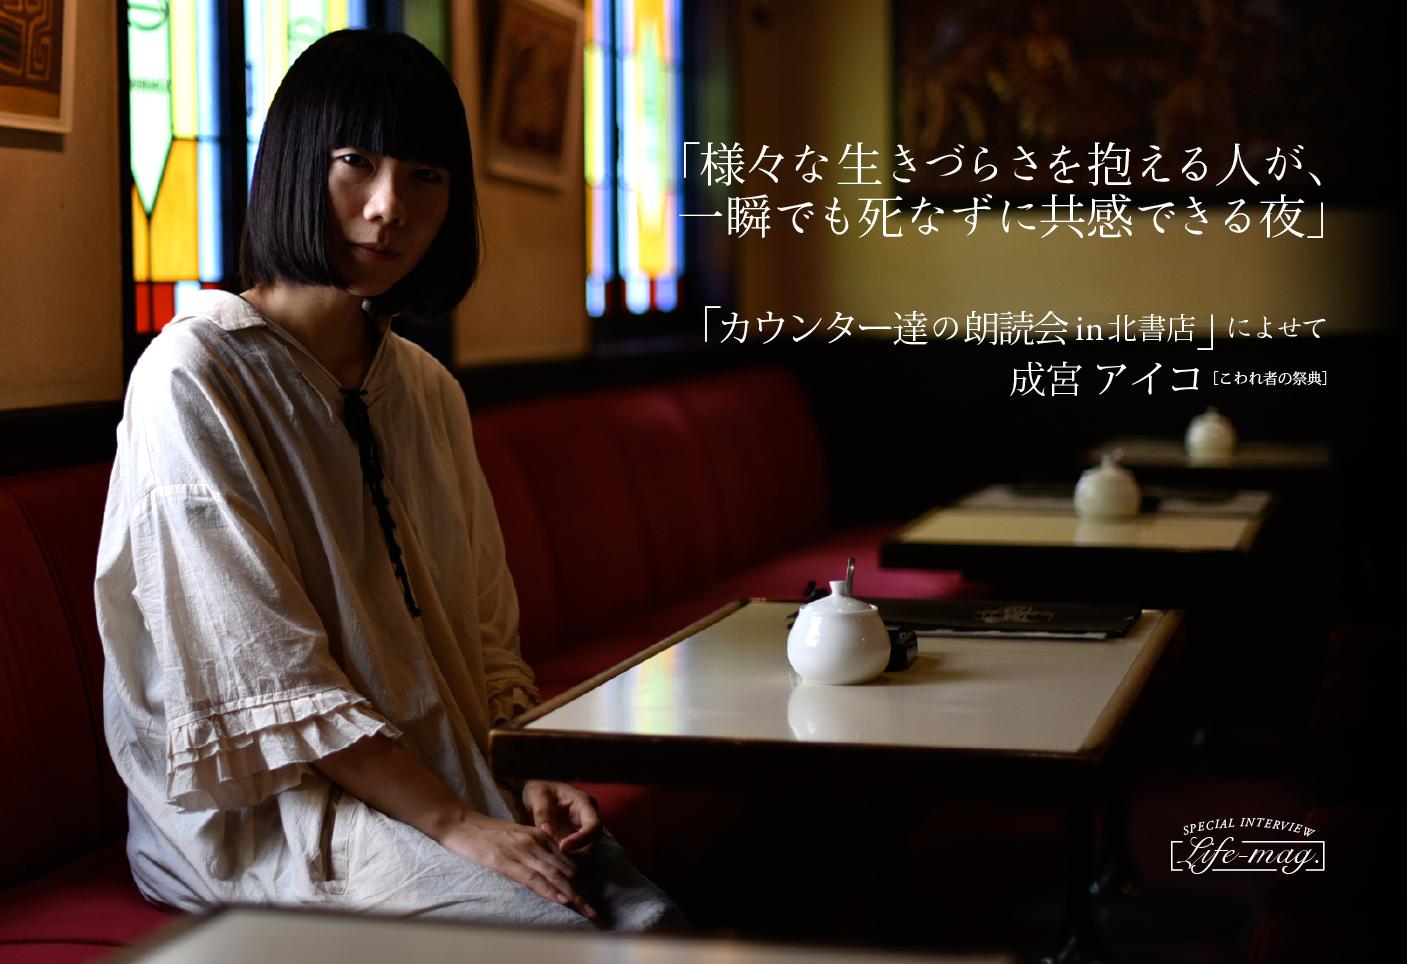 【インタビュー】成宮アイコさん「カウンター達の朗読会in北書店」によせて|Niigata Interview Magazine LIFE-mag.